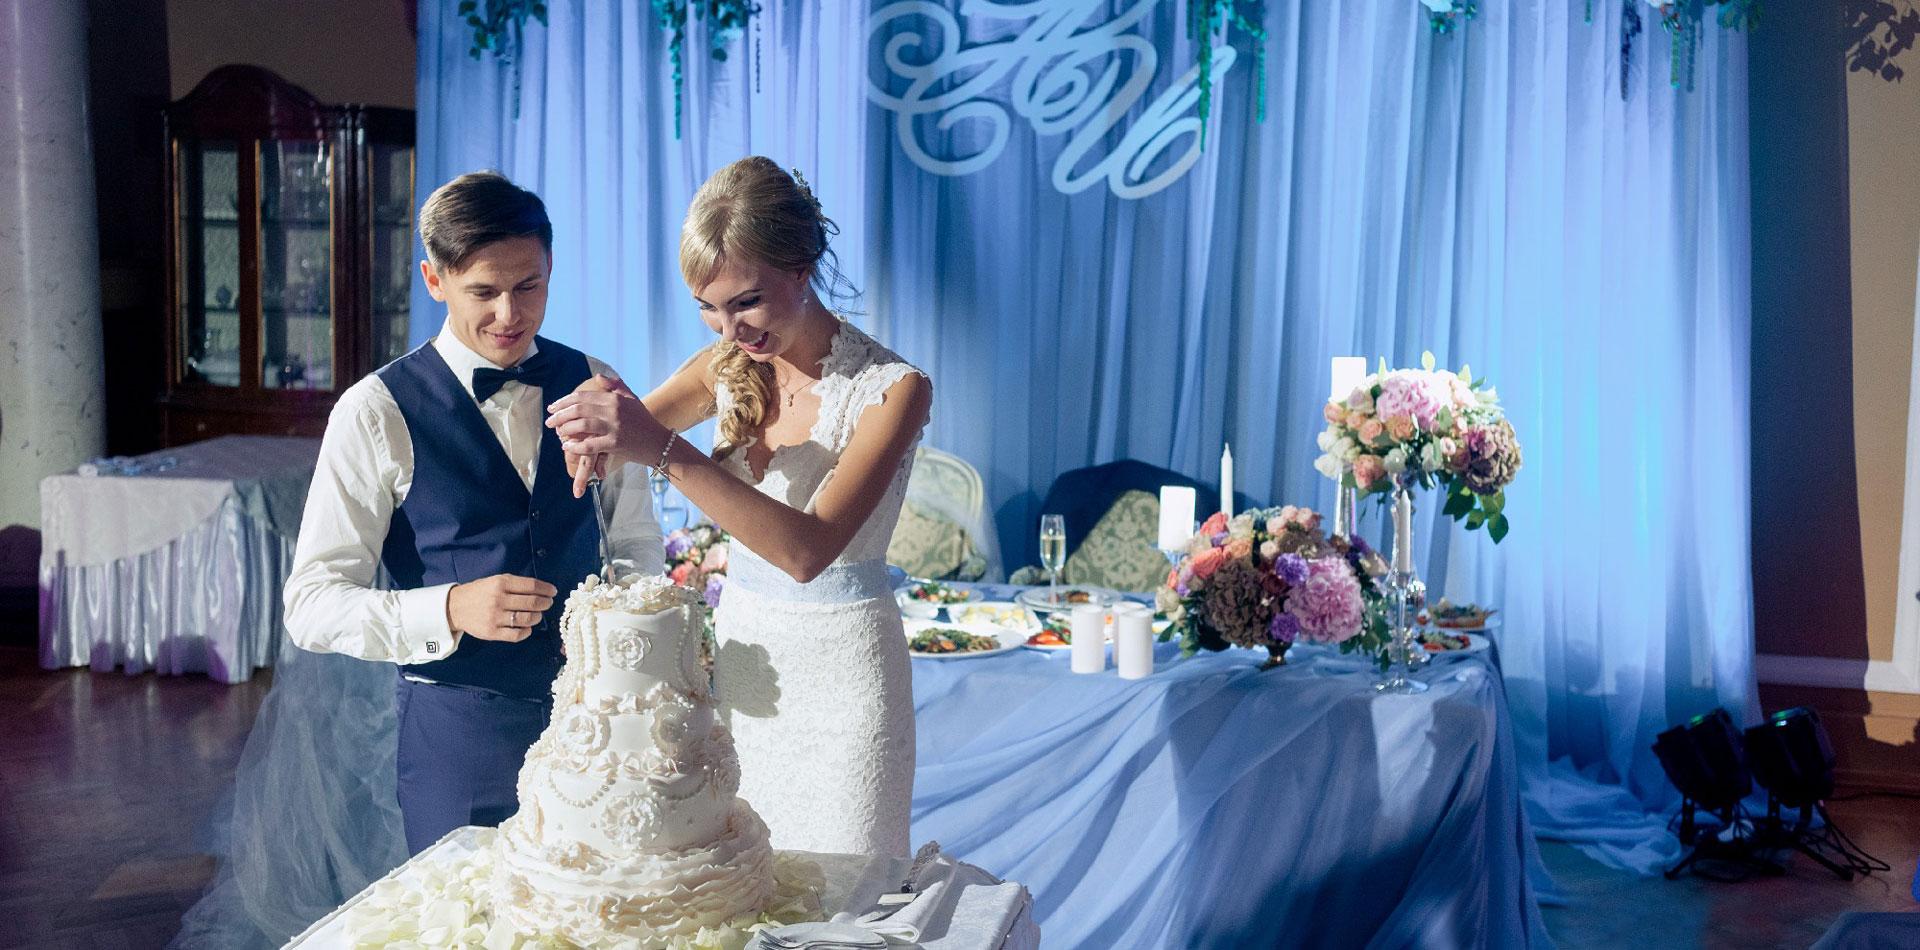 Модный приговор. Свадьба Антона и Ирины фото 21